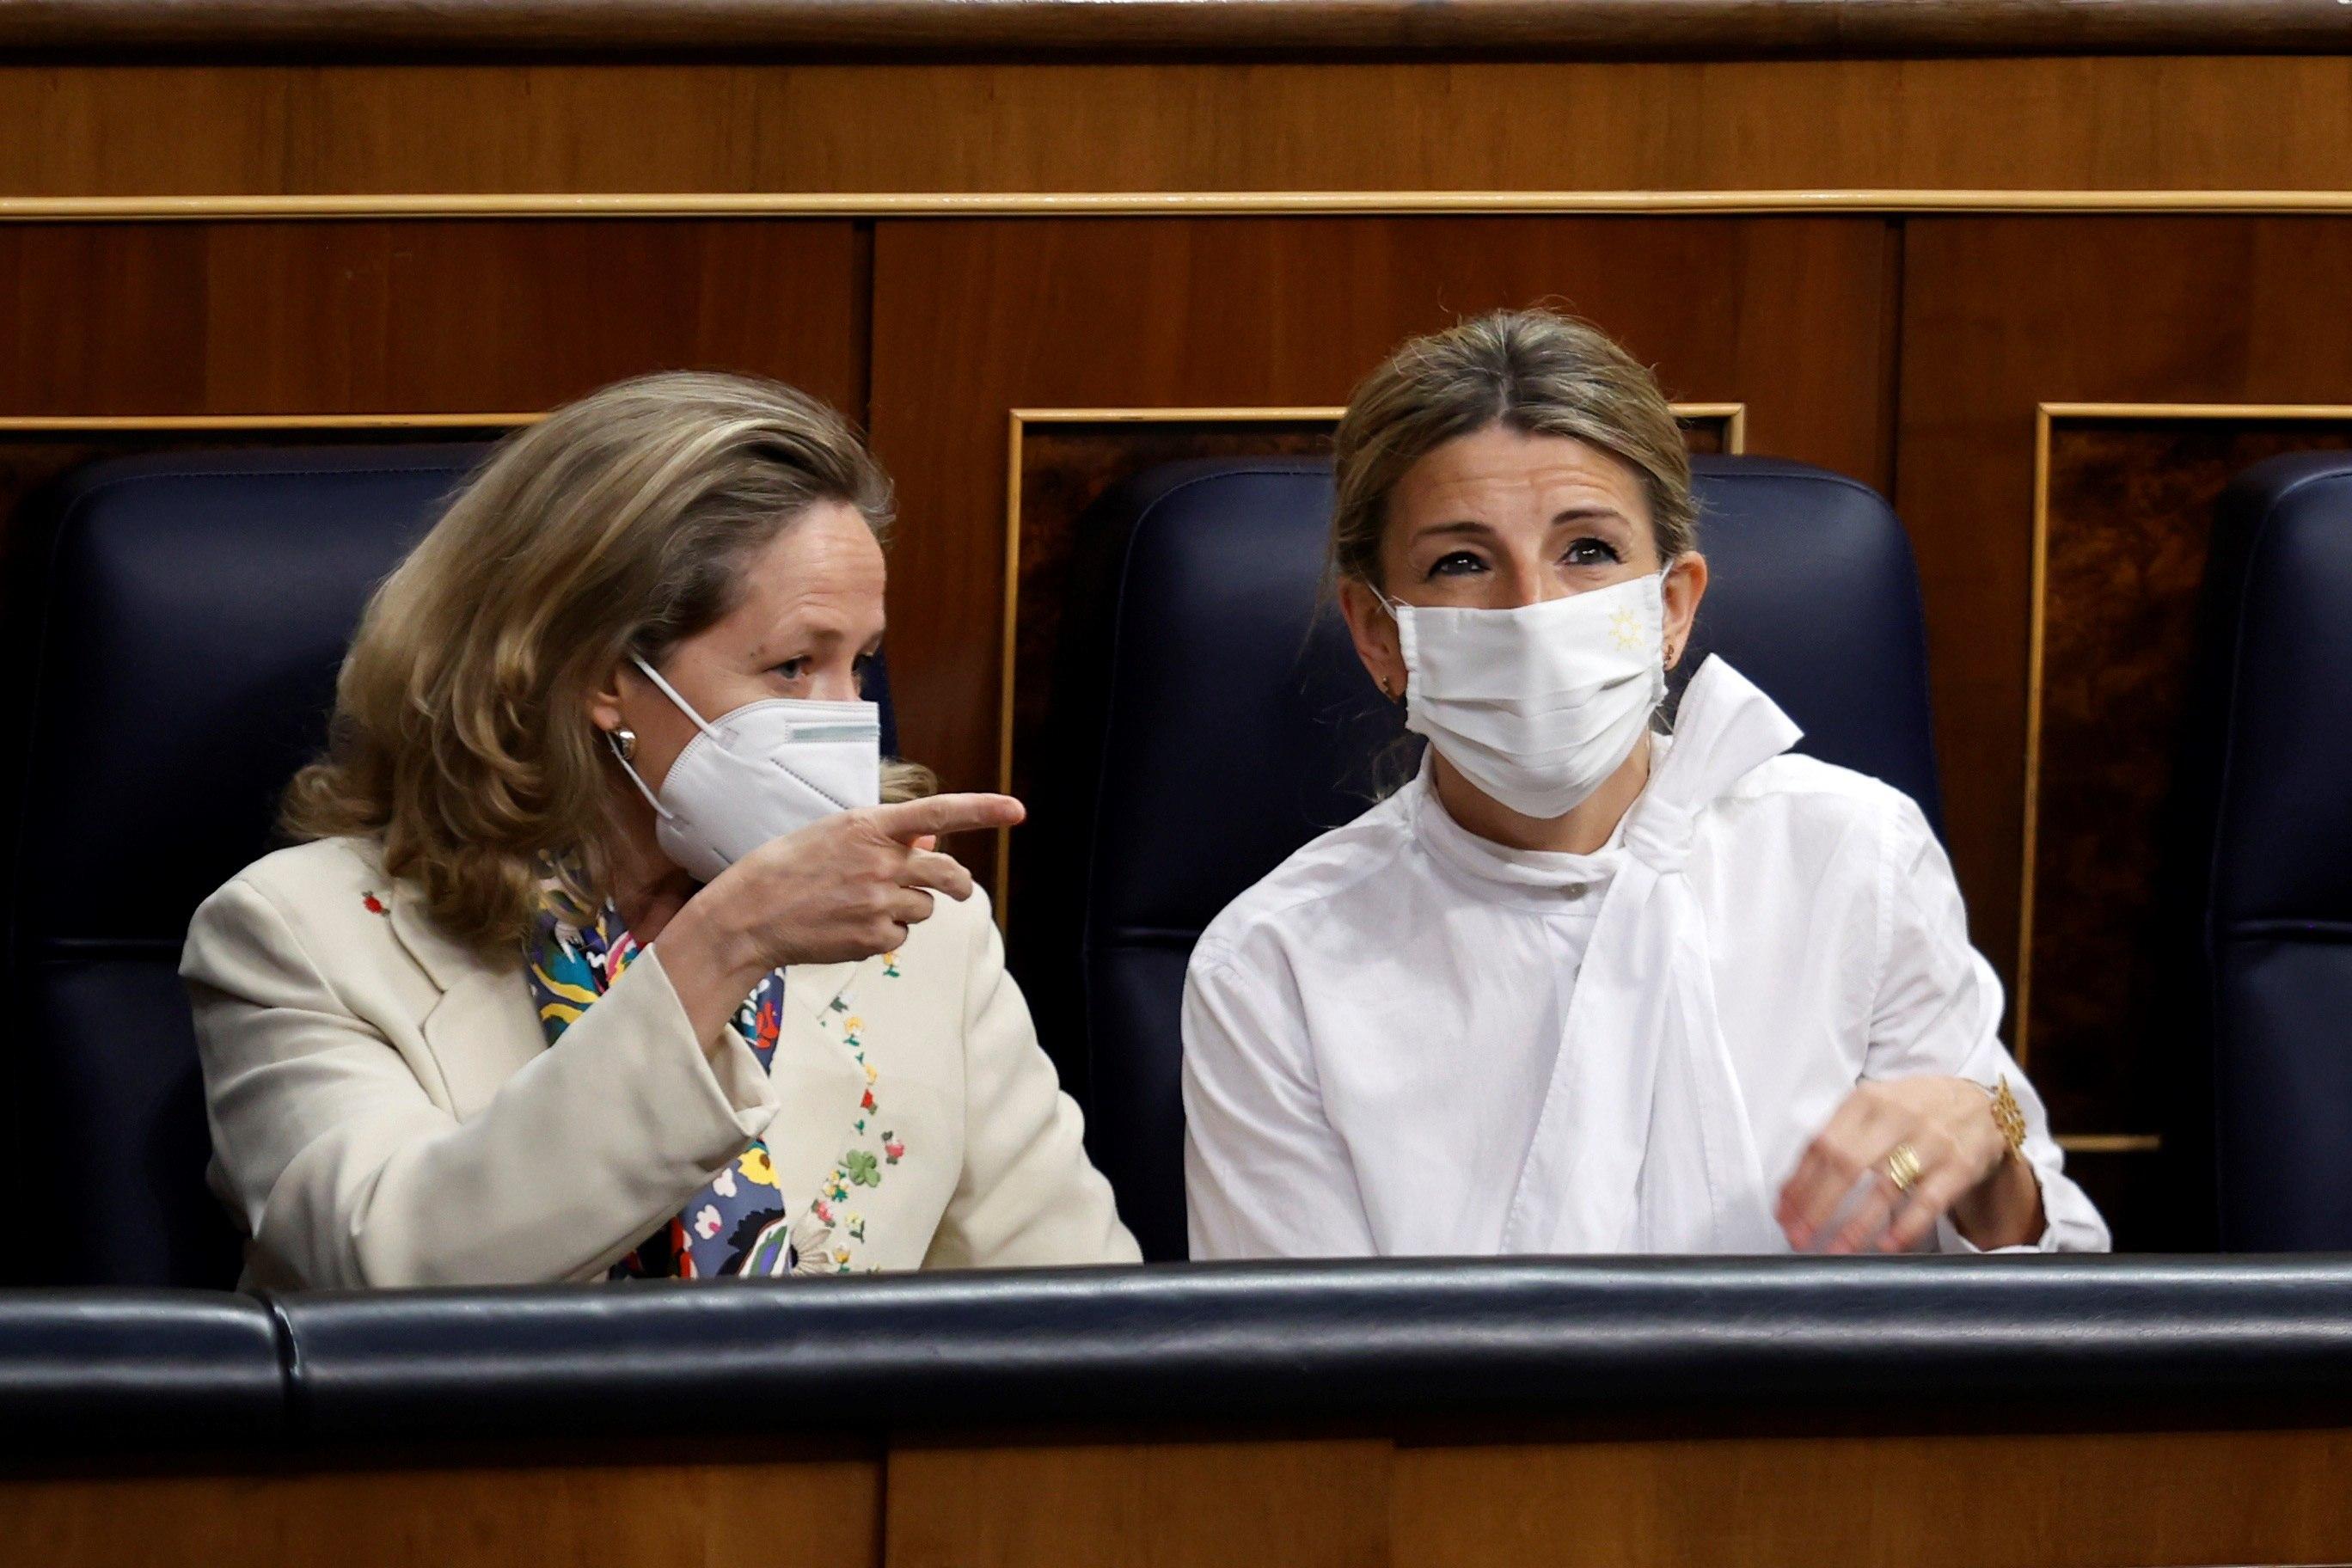 La ministra de Economía, Nadia  Calviño con la ministra de Trabajo, Yolanda  Díaz durante la sesión de ayer en el Congreso